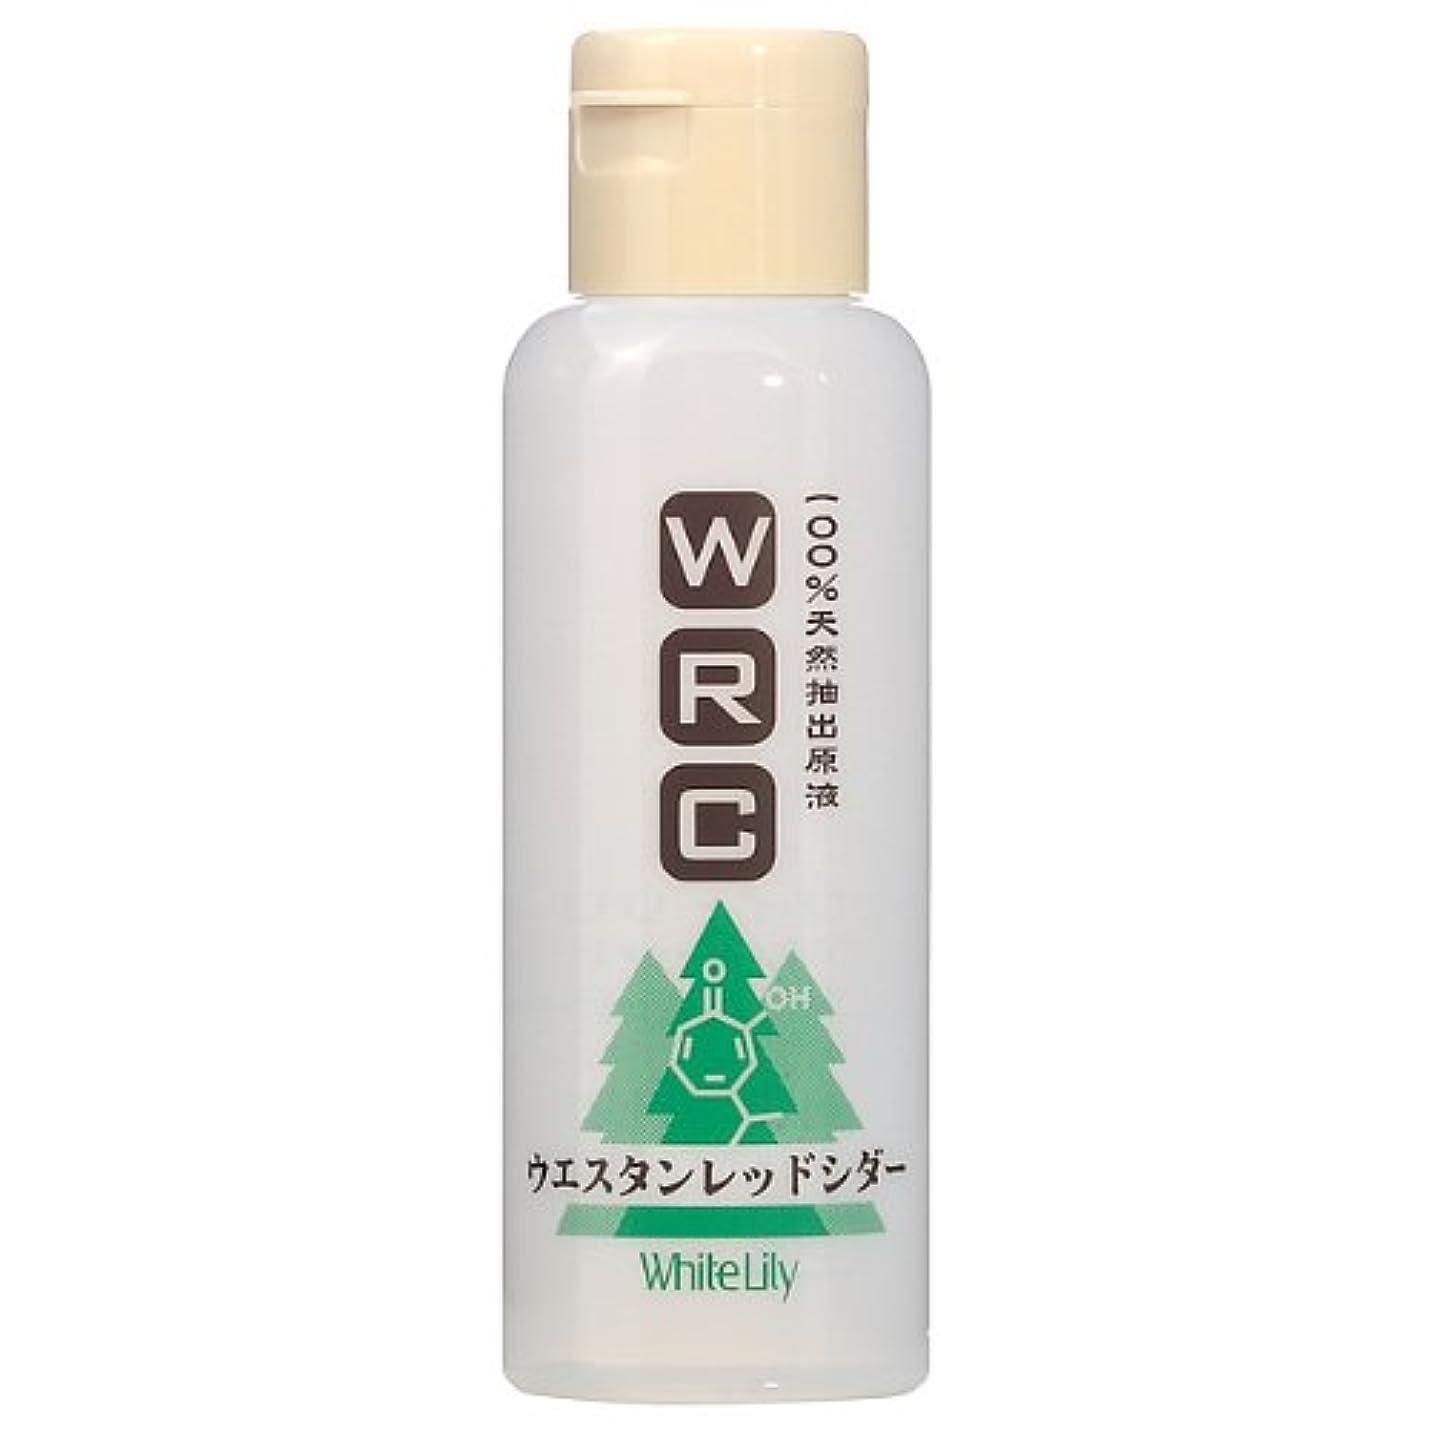 二週間出発する翻訳者ホワイトリリー ウエスタンレッドシダー 110mL 化粧水